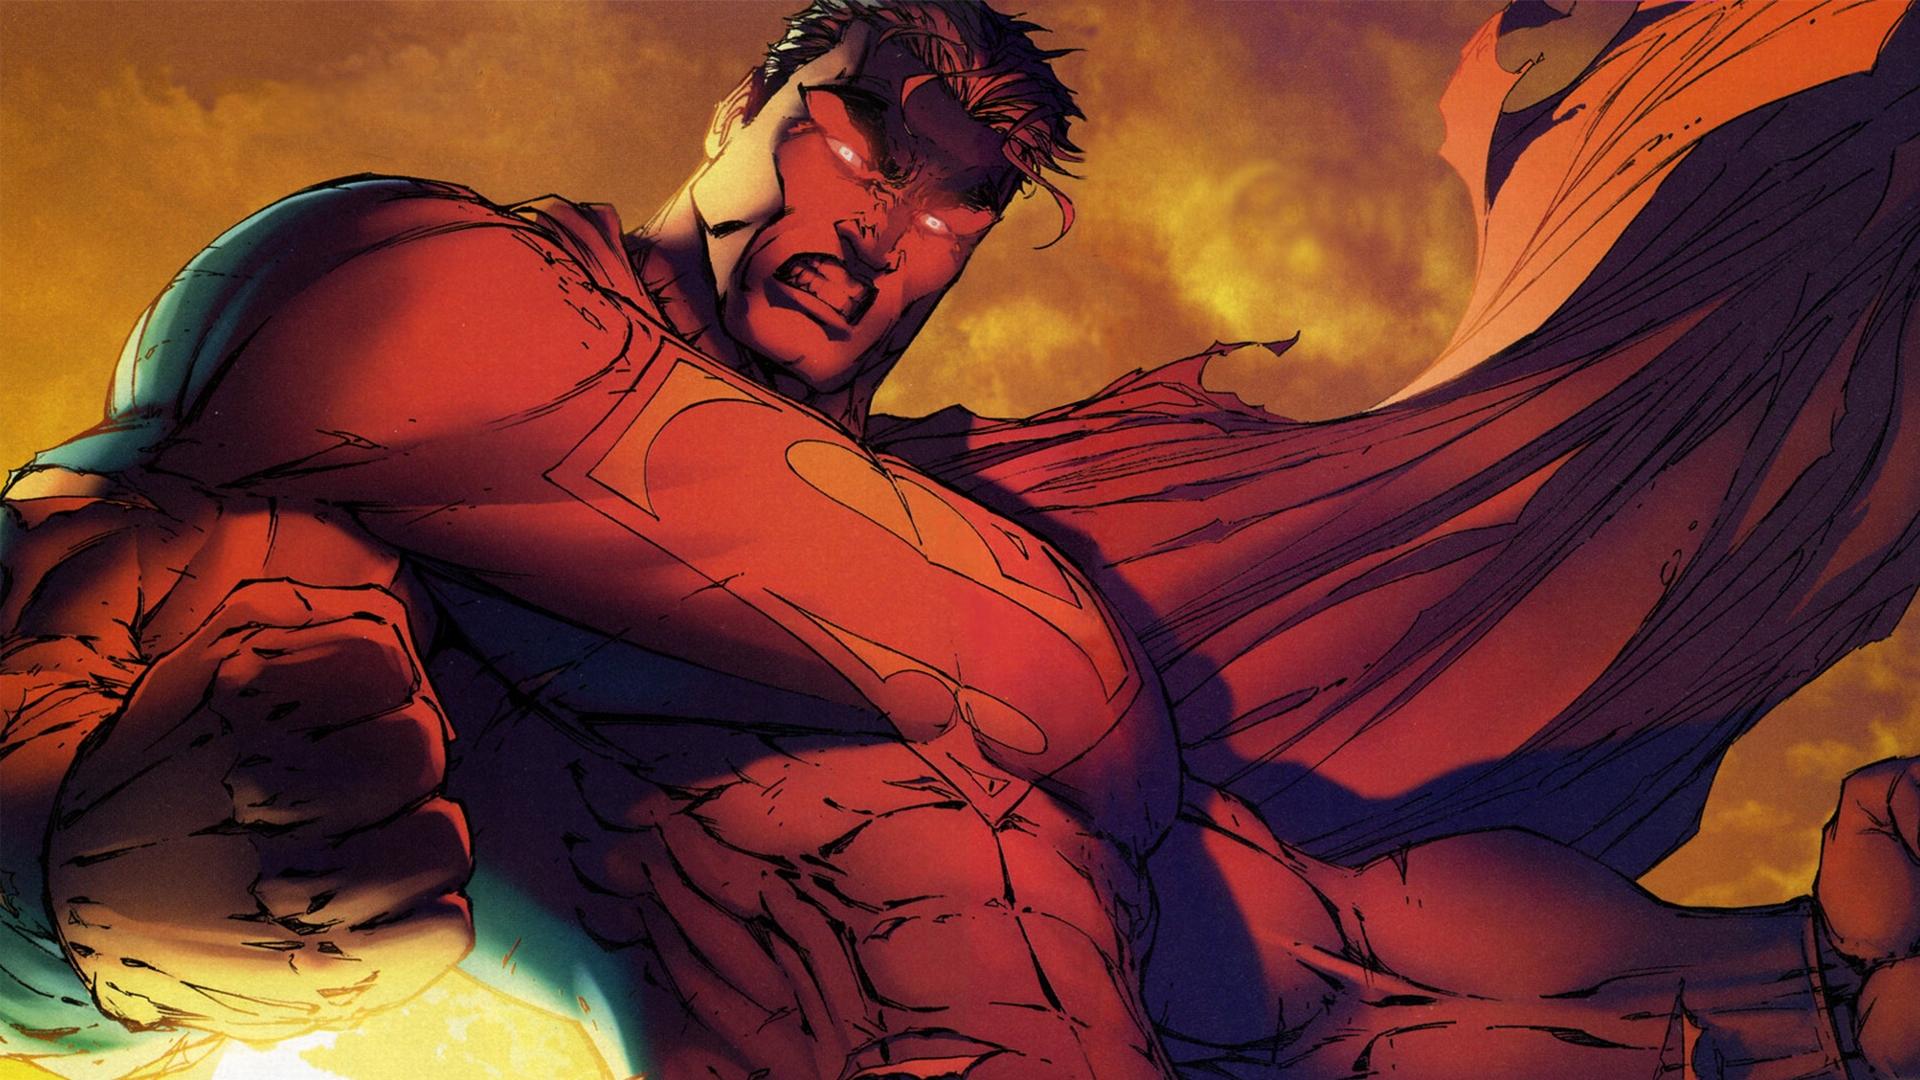 Comics Superman Wallpaper 1920x1080